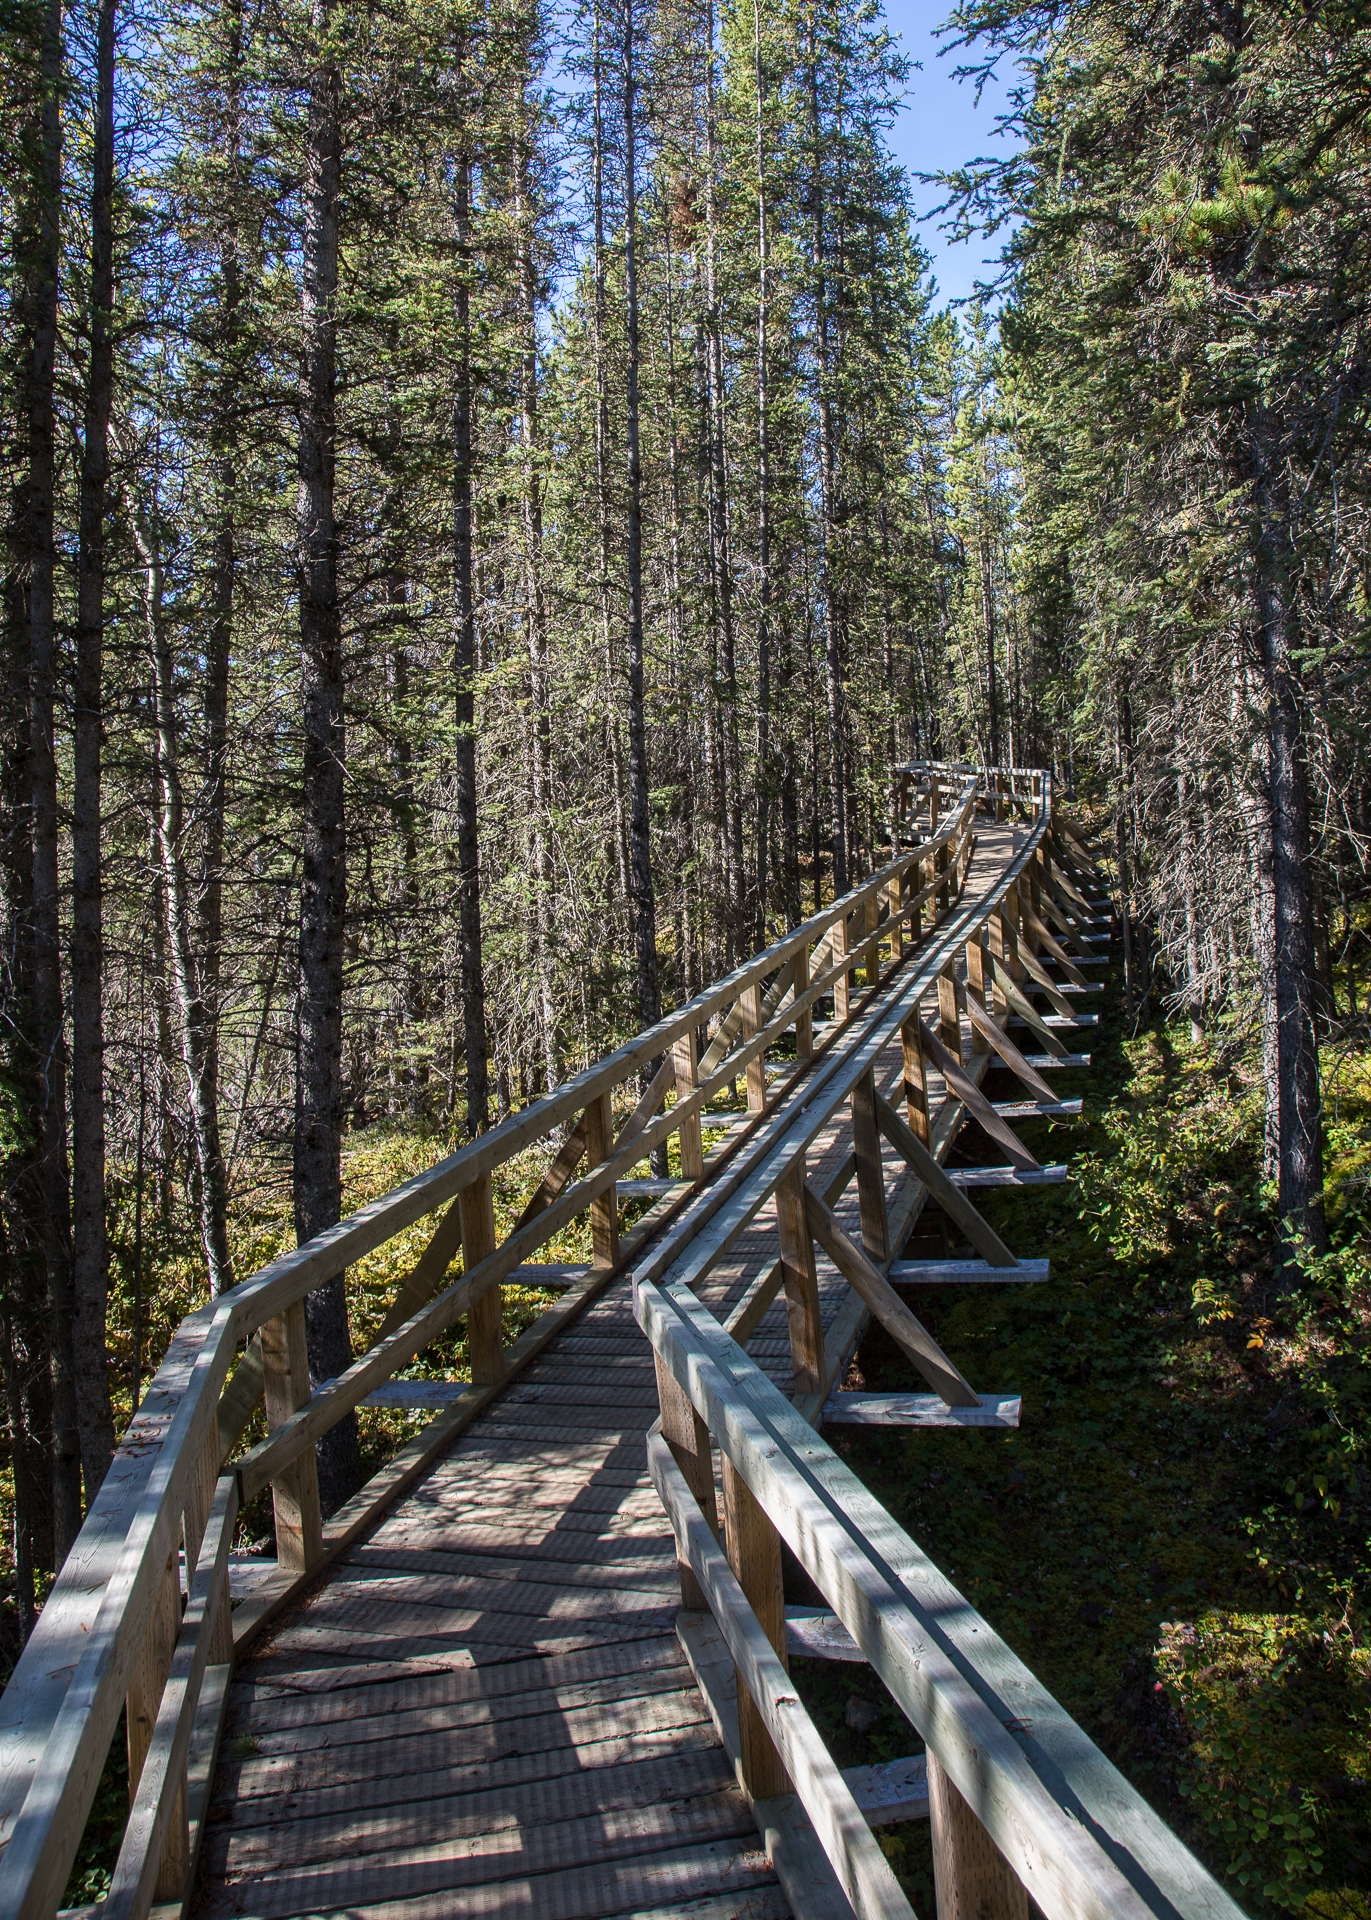 Rancheria Falls boardwalk